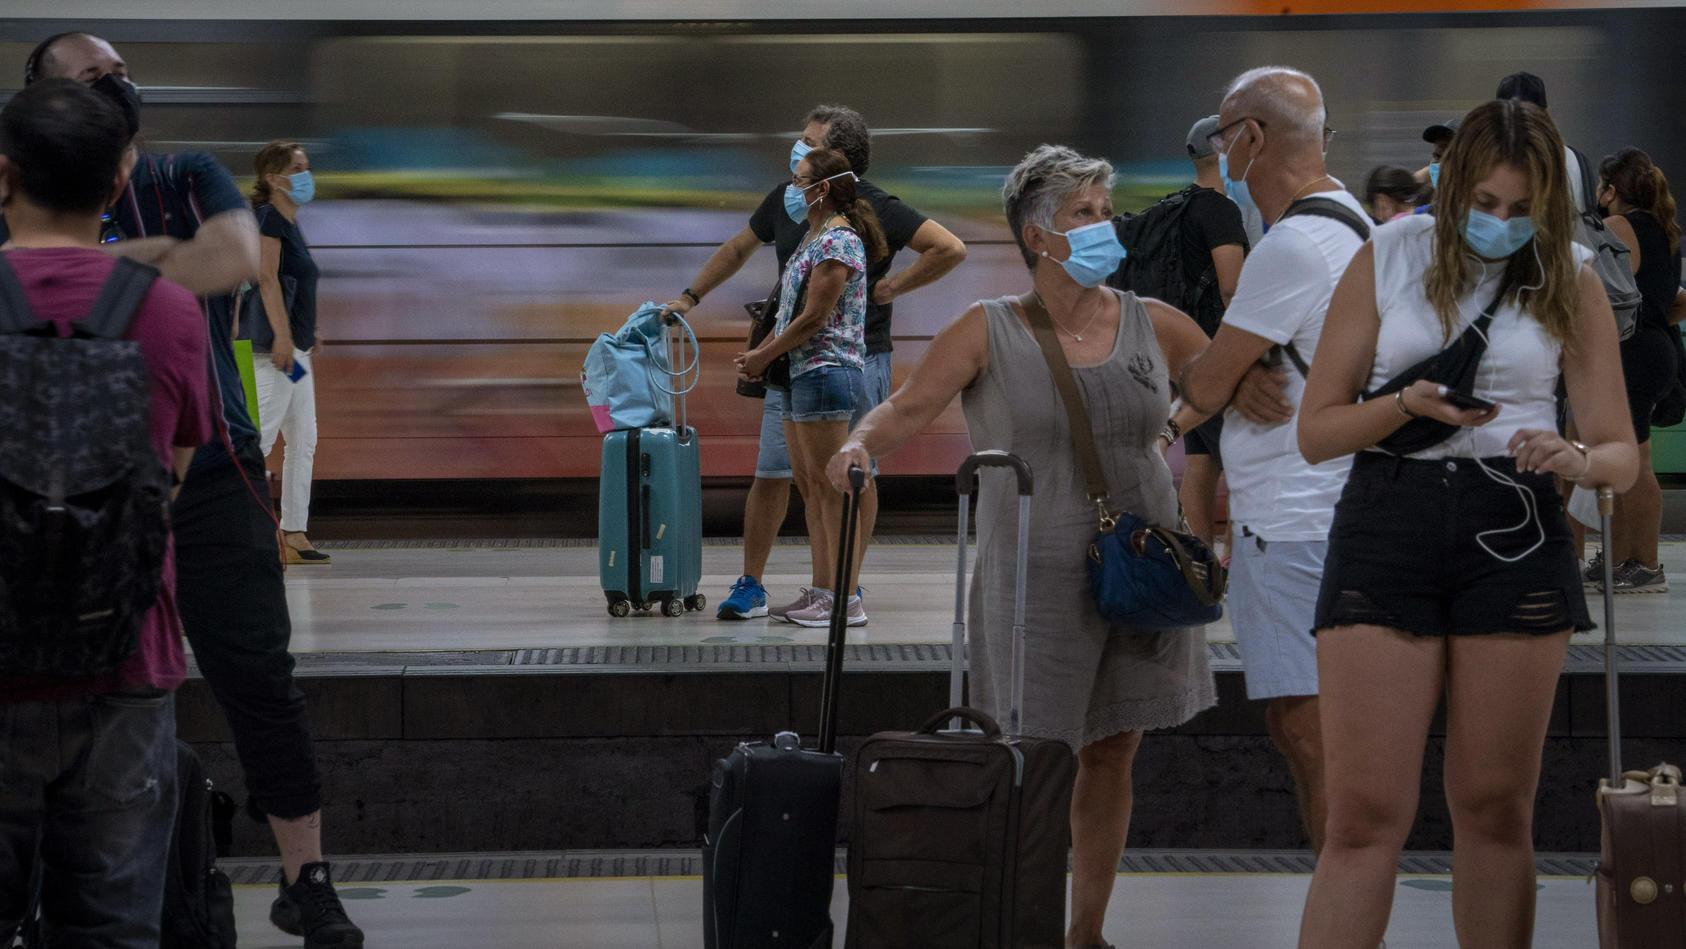 Aufgrund der vielen Beschränkungen, die es wegen Covid19 in einigen Reiseländern gibt, möchten viele lieber von ihrer Urlaubsreise zurücktreten